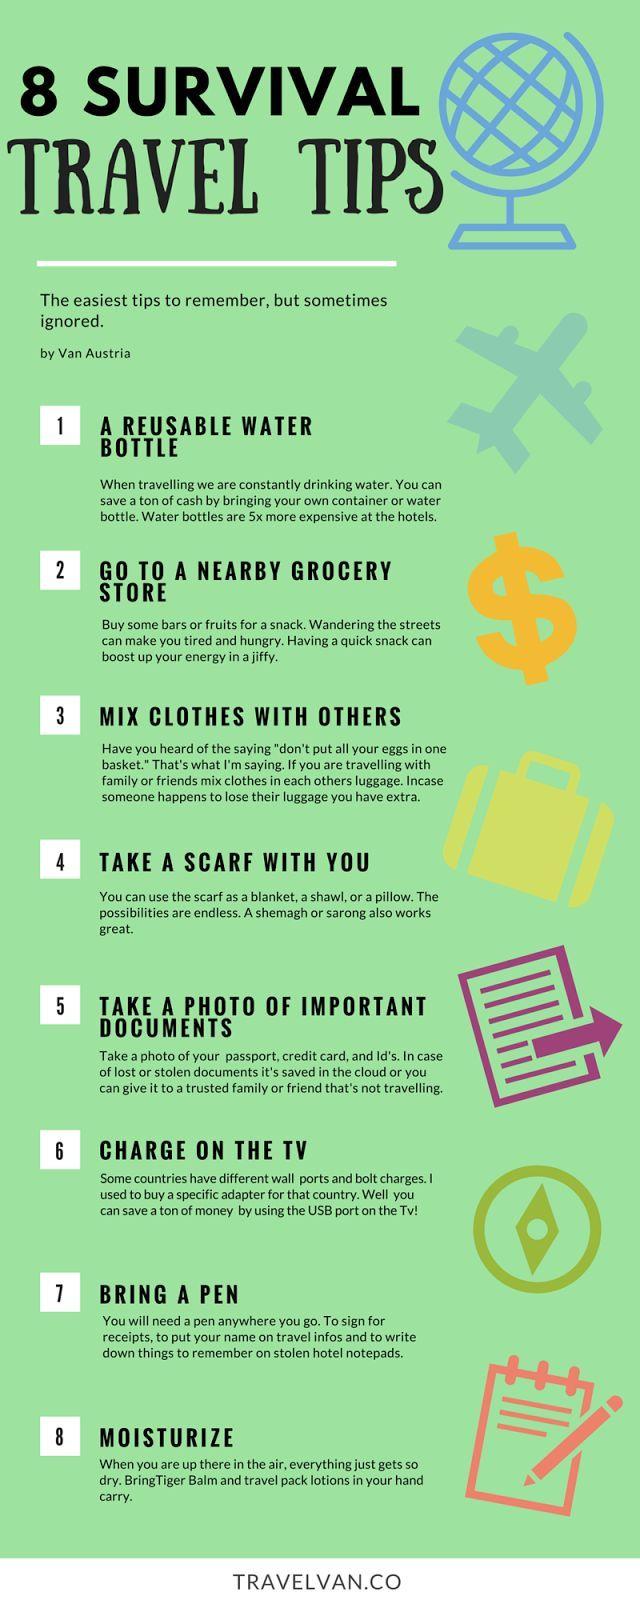 8 ignored survival travel tips travel tips travel forgotten important http://finelinedrivingacademy.co.uk?utm_content=buffer58412&utm_medium=social&utm_source=pinterest.com&utm_campaign=buffer: